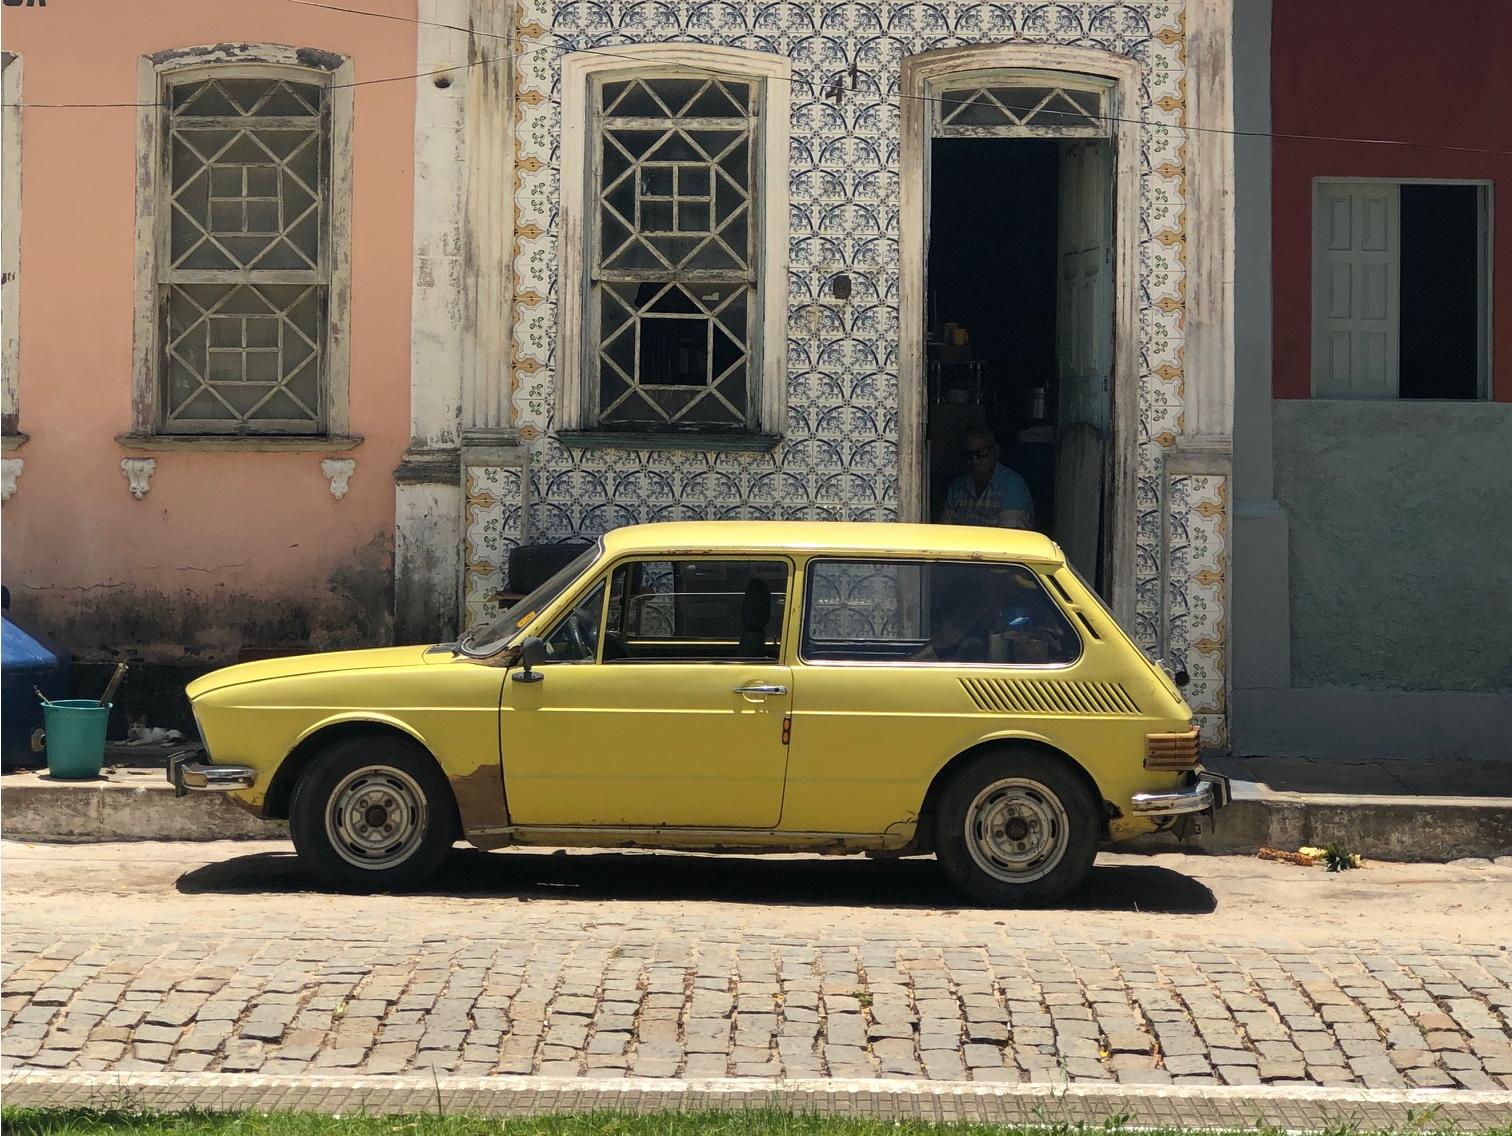 brasilia marela parada em frente a uma casa